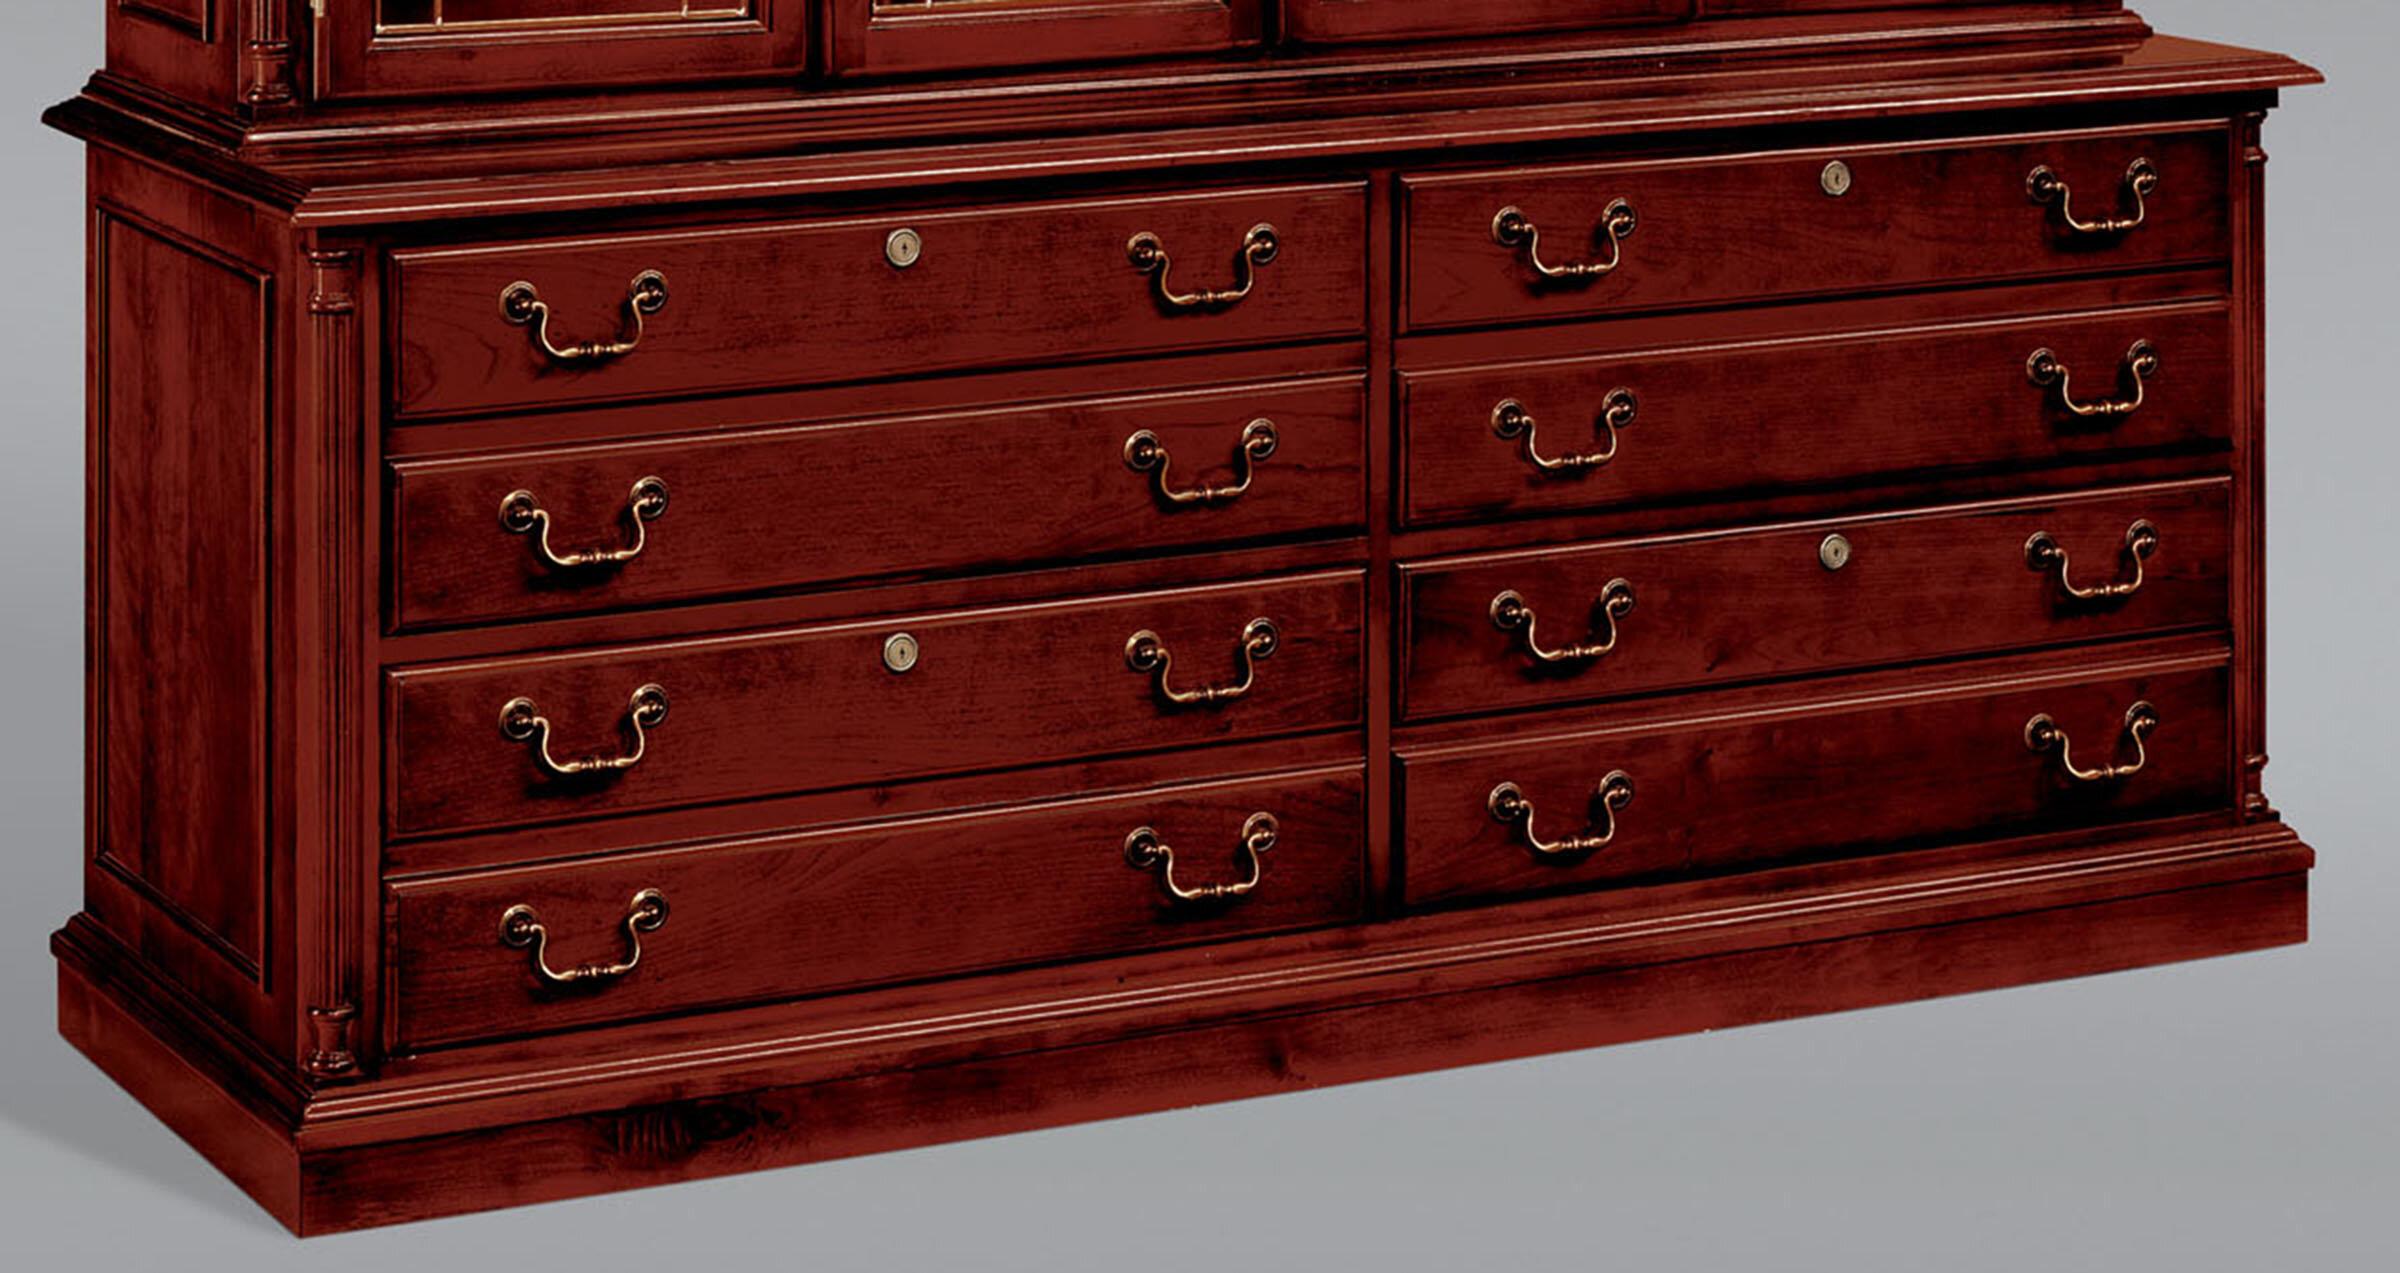 La Credenza Supplier : Darby home co prestbury drawer lateral file credenza cabinet